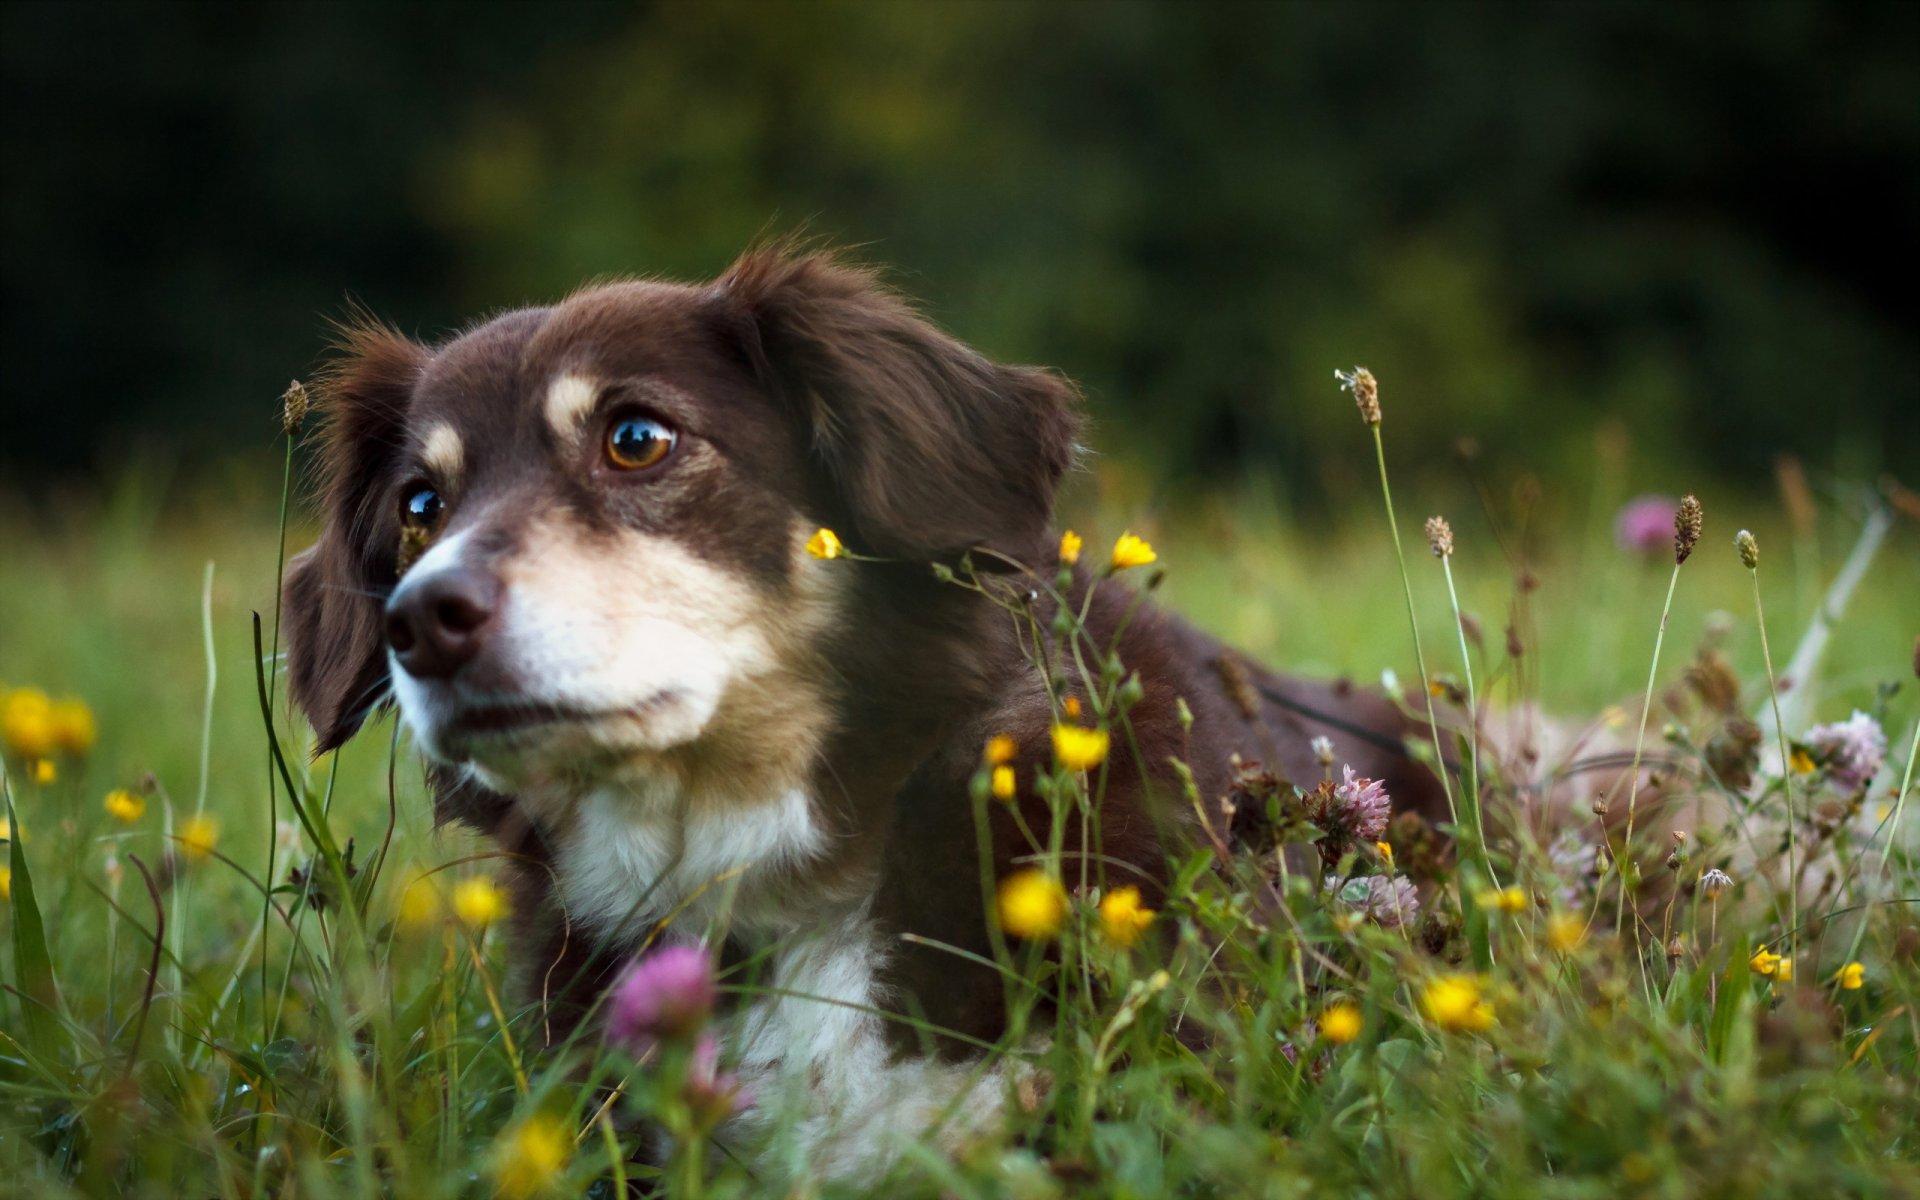 животные собака трава природа скачать